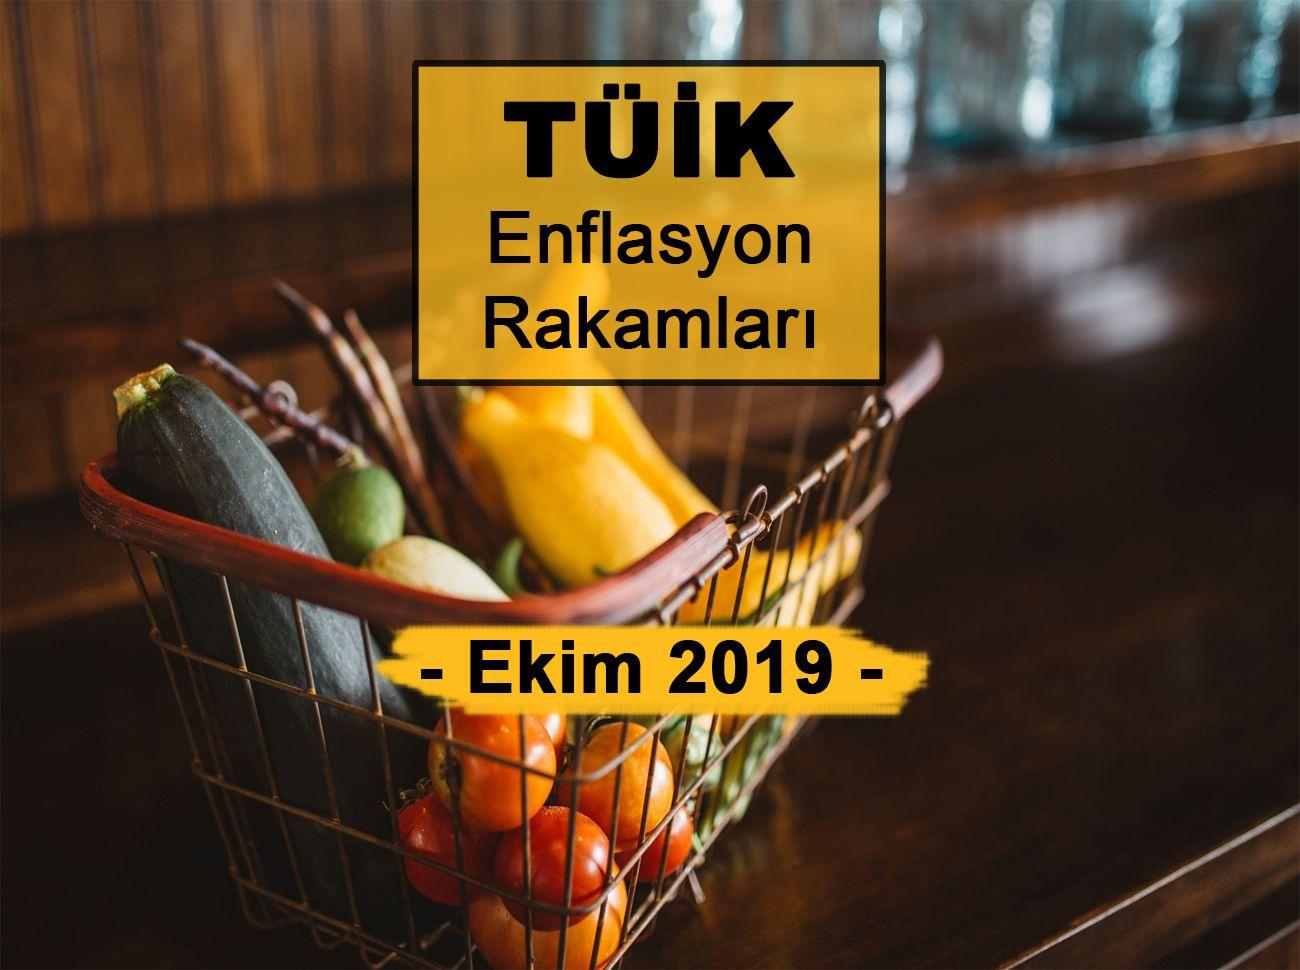 Enflasyon Rakamları (Ekim 2019) Açıklandı